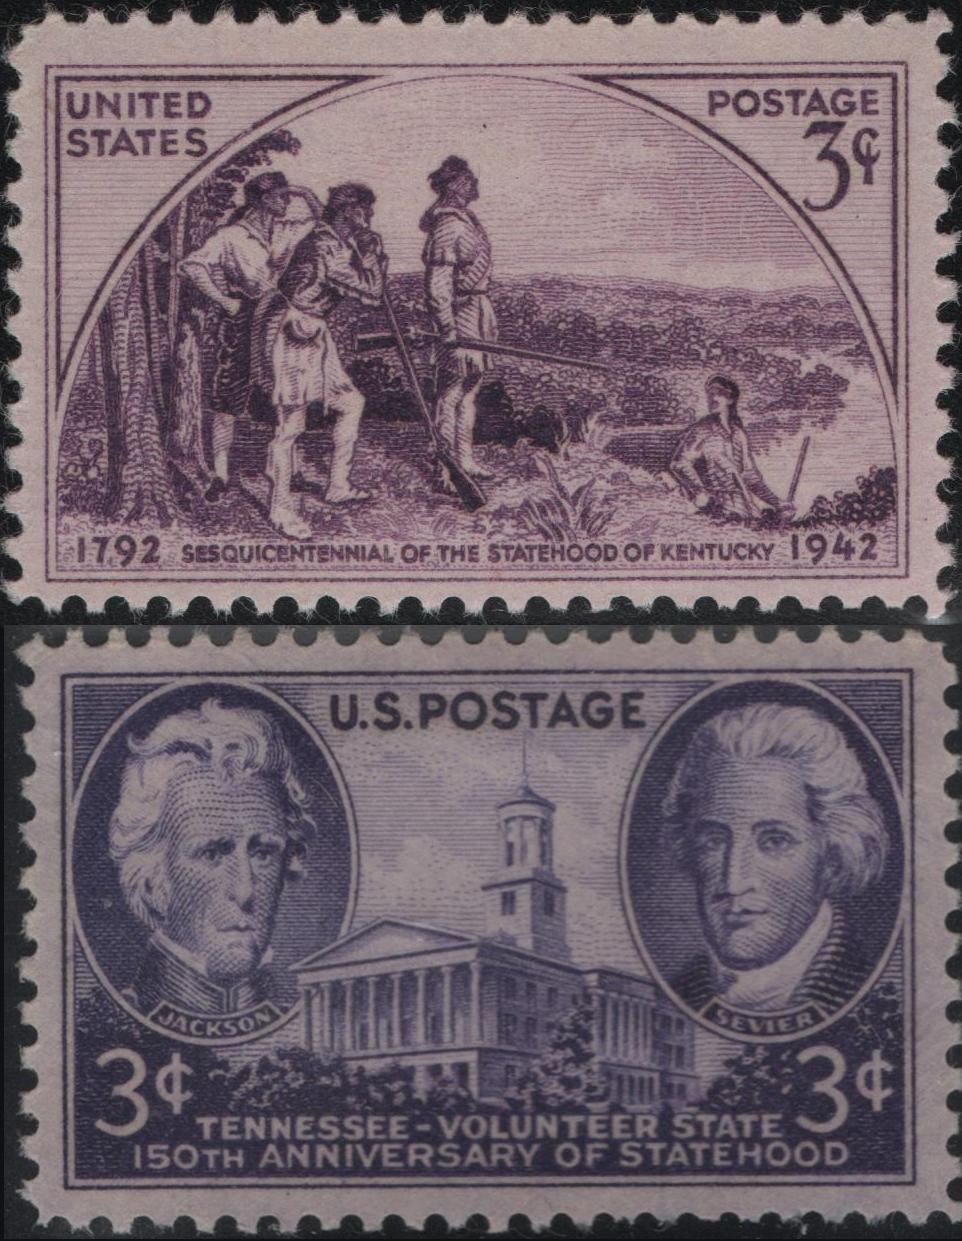 United States - Scott #904 (1942) and Scott #941 (1946)